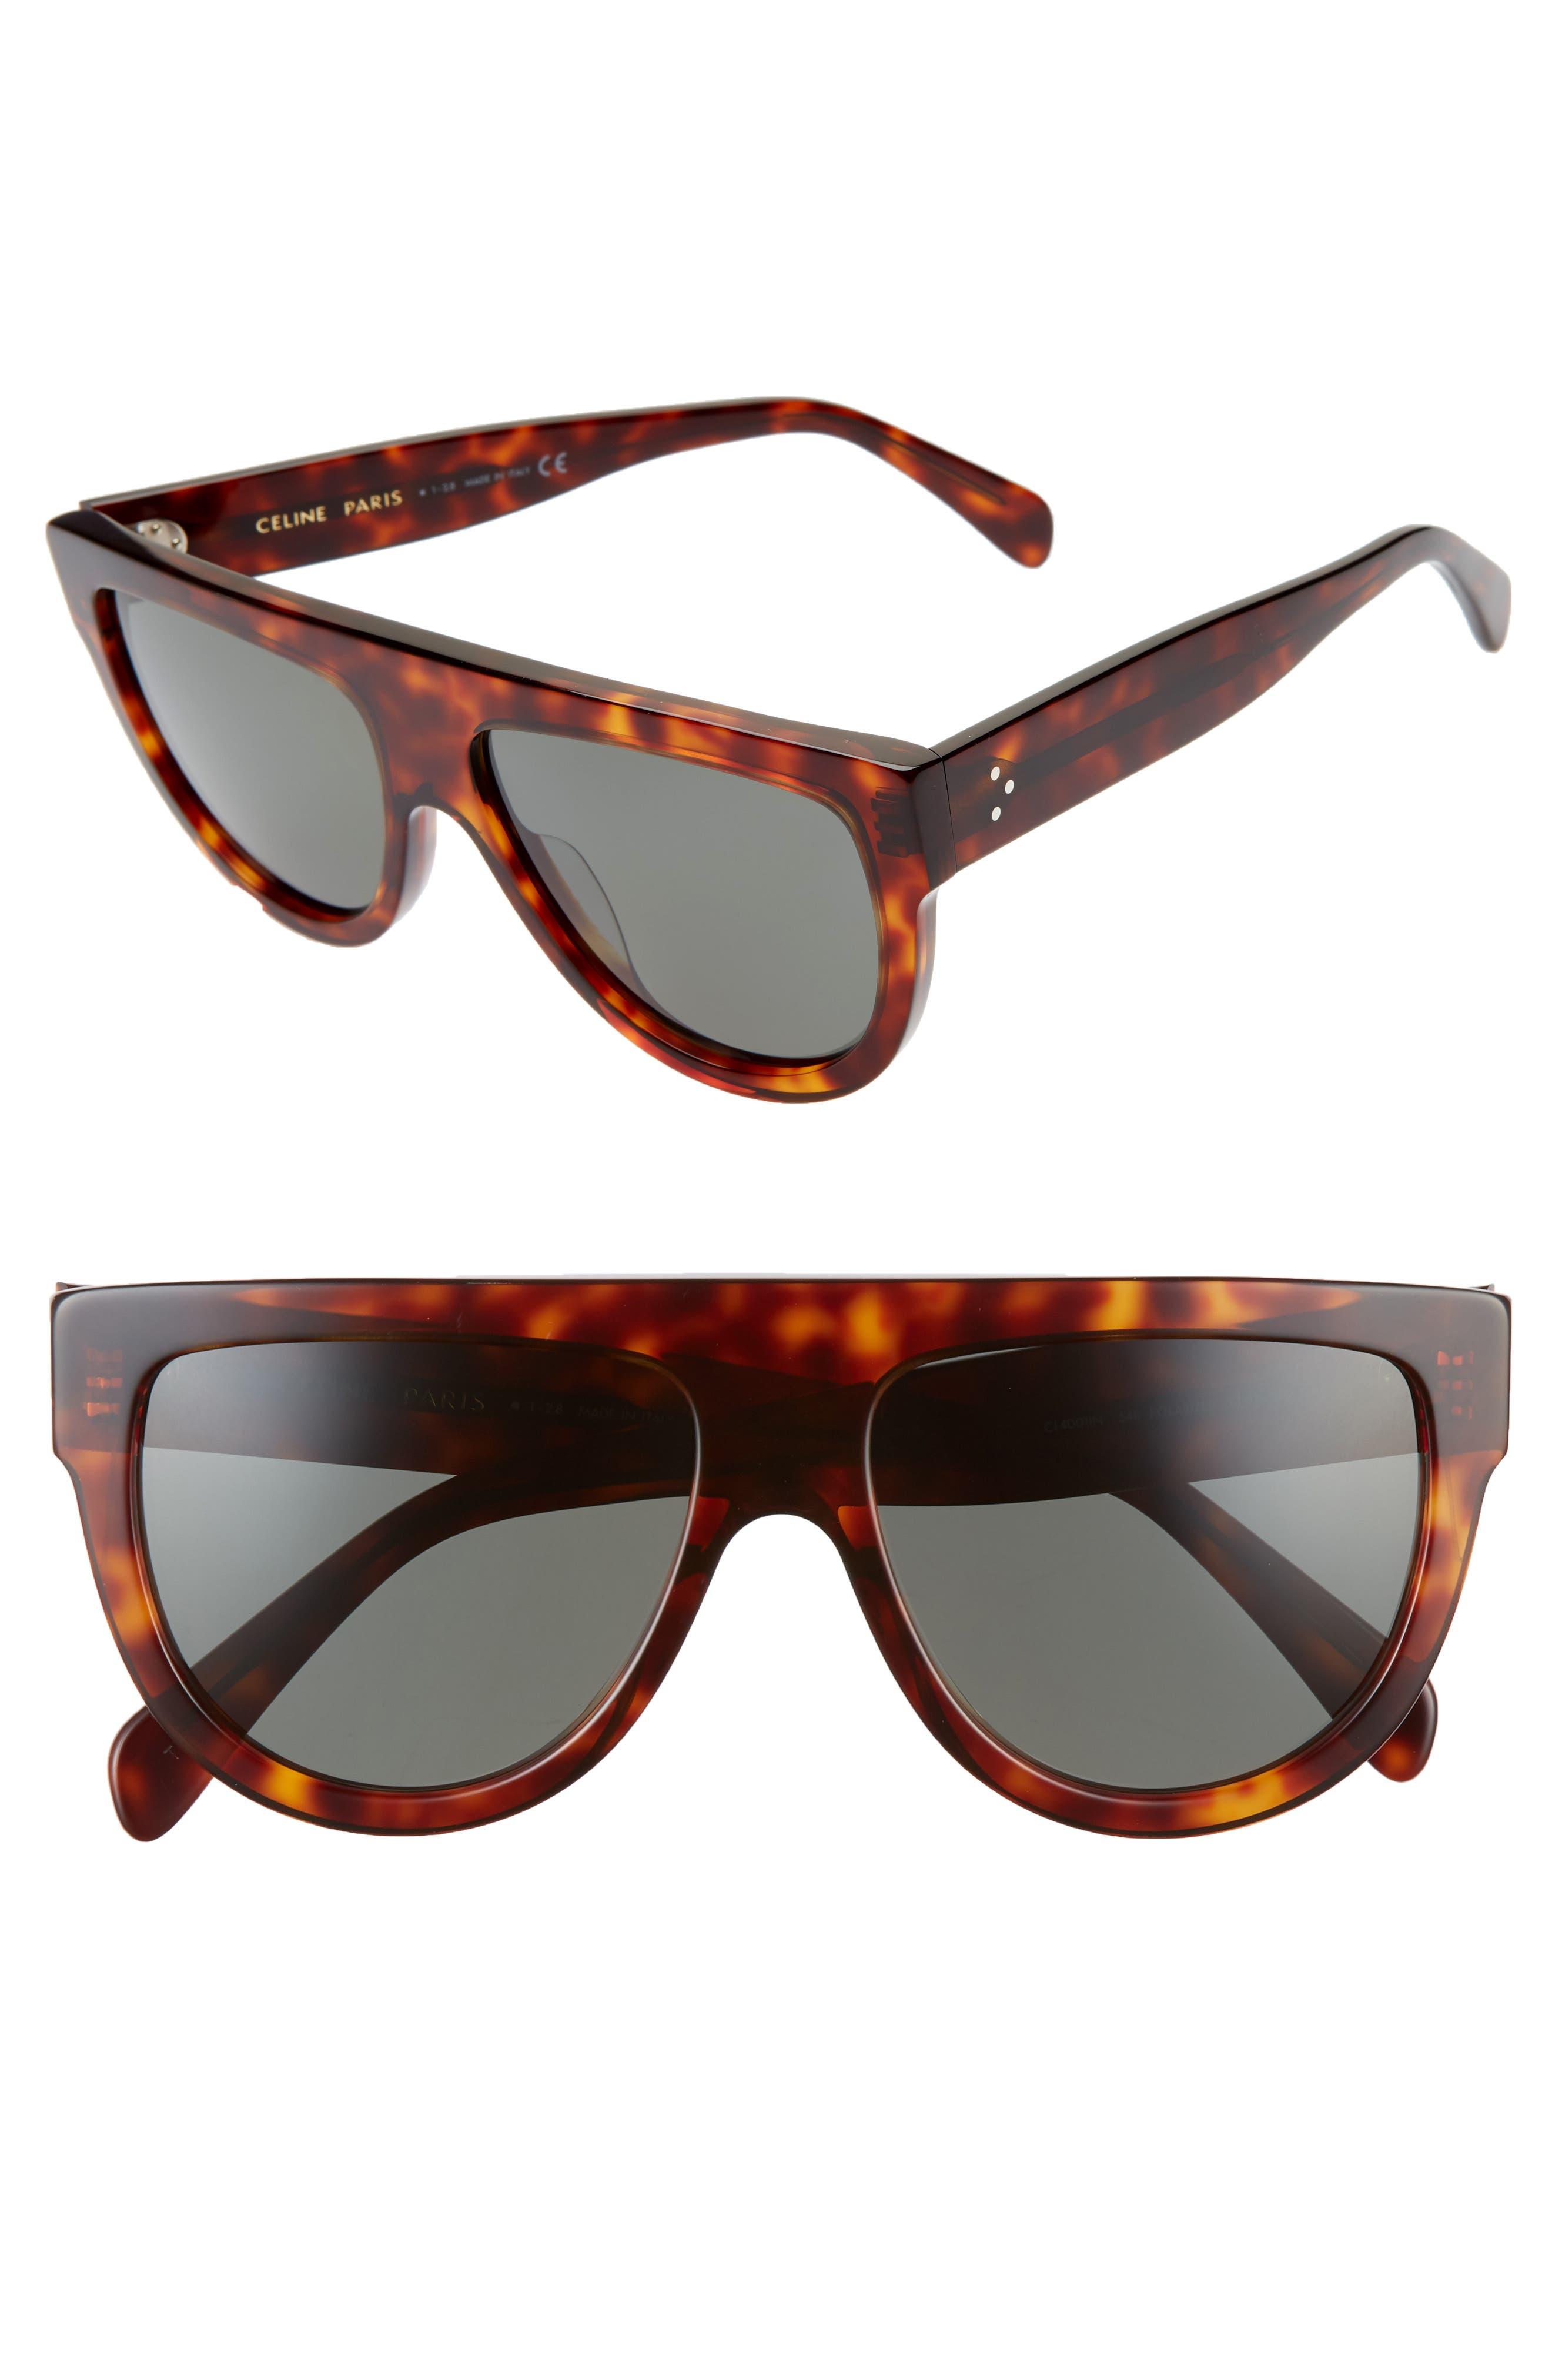 7eef99edd3080 CELINE Sunglasses  Audrey